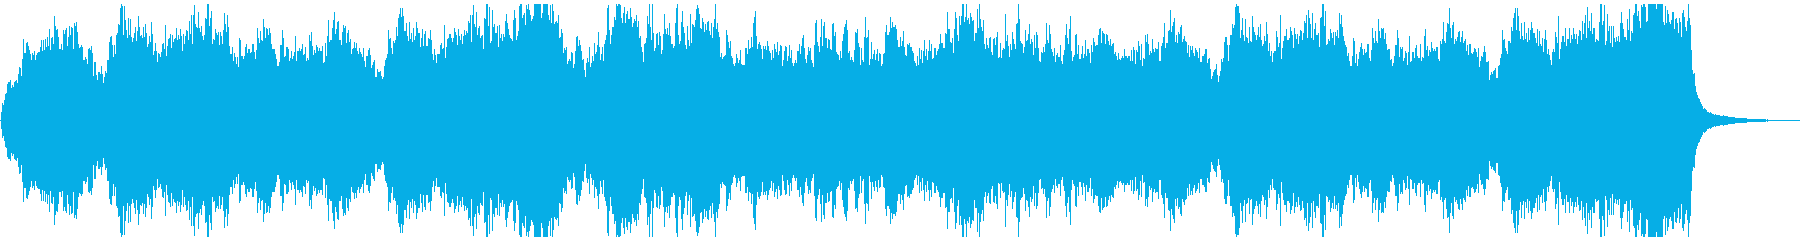 始まりをイメージしたオーケストラの再生済みの波形